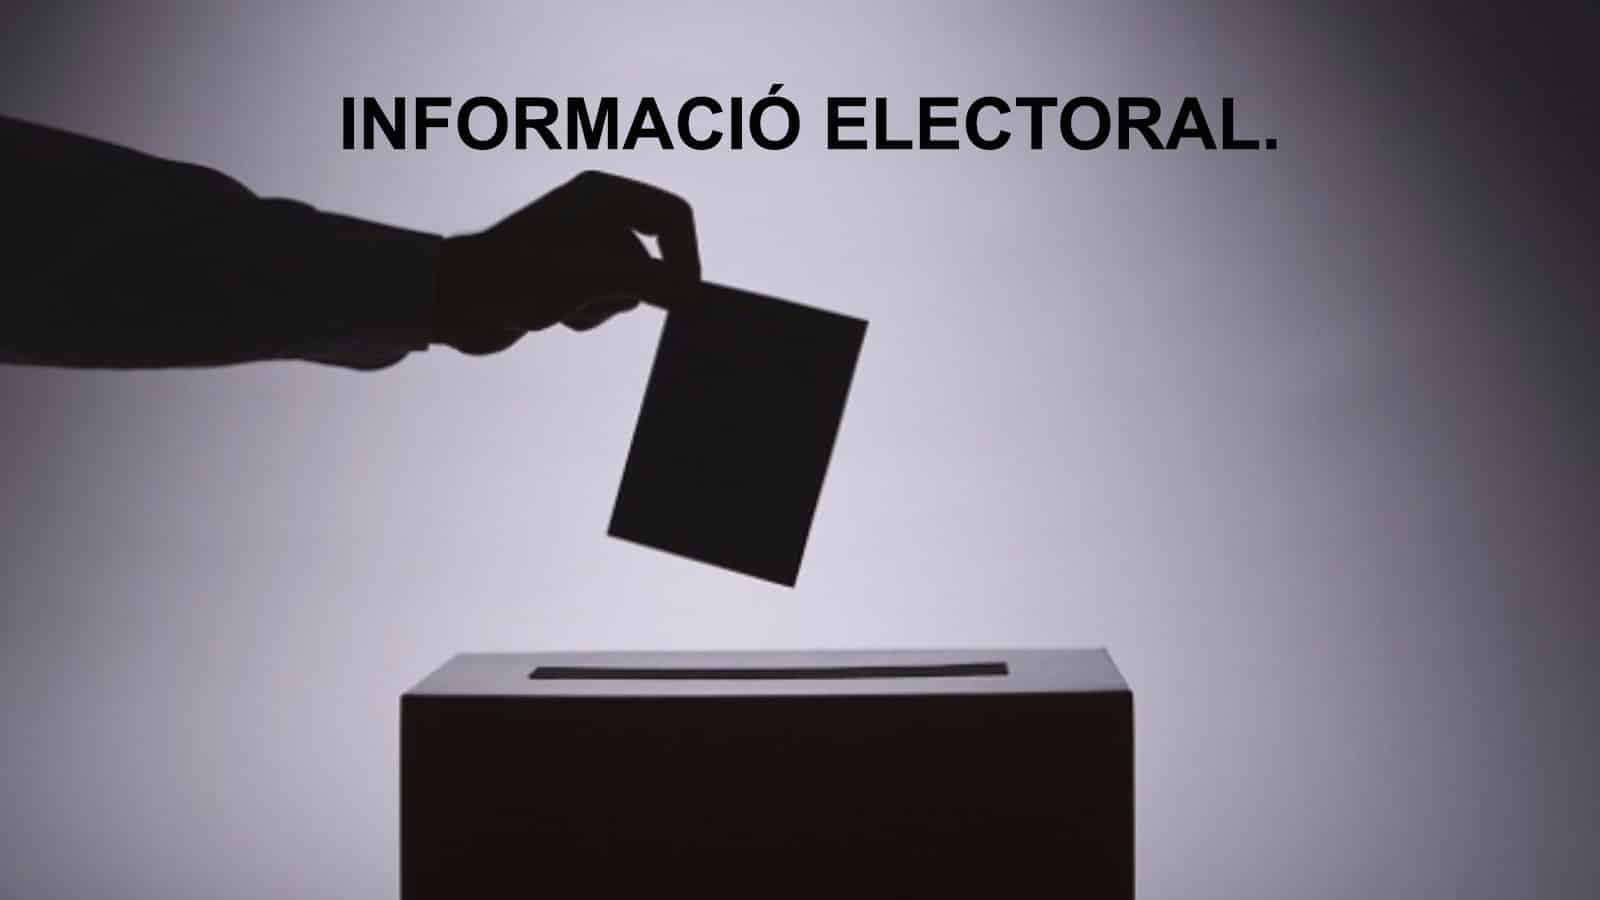 Informació electoral